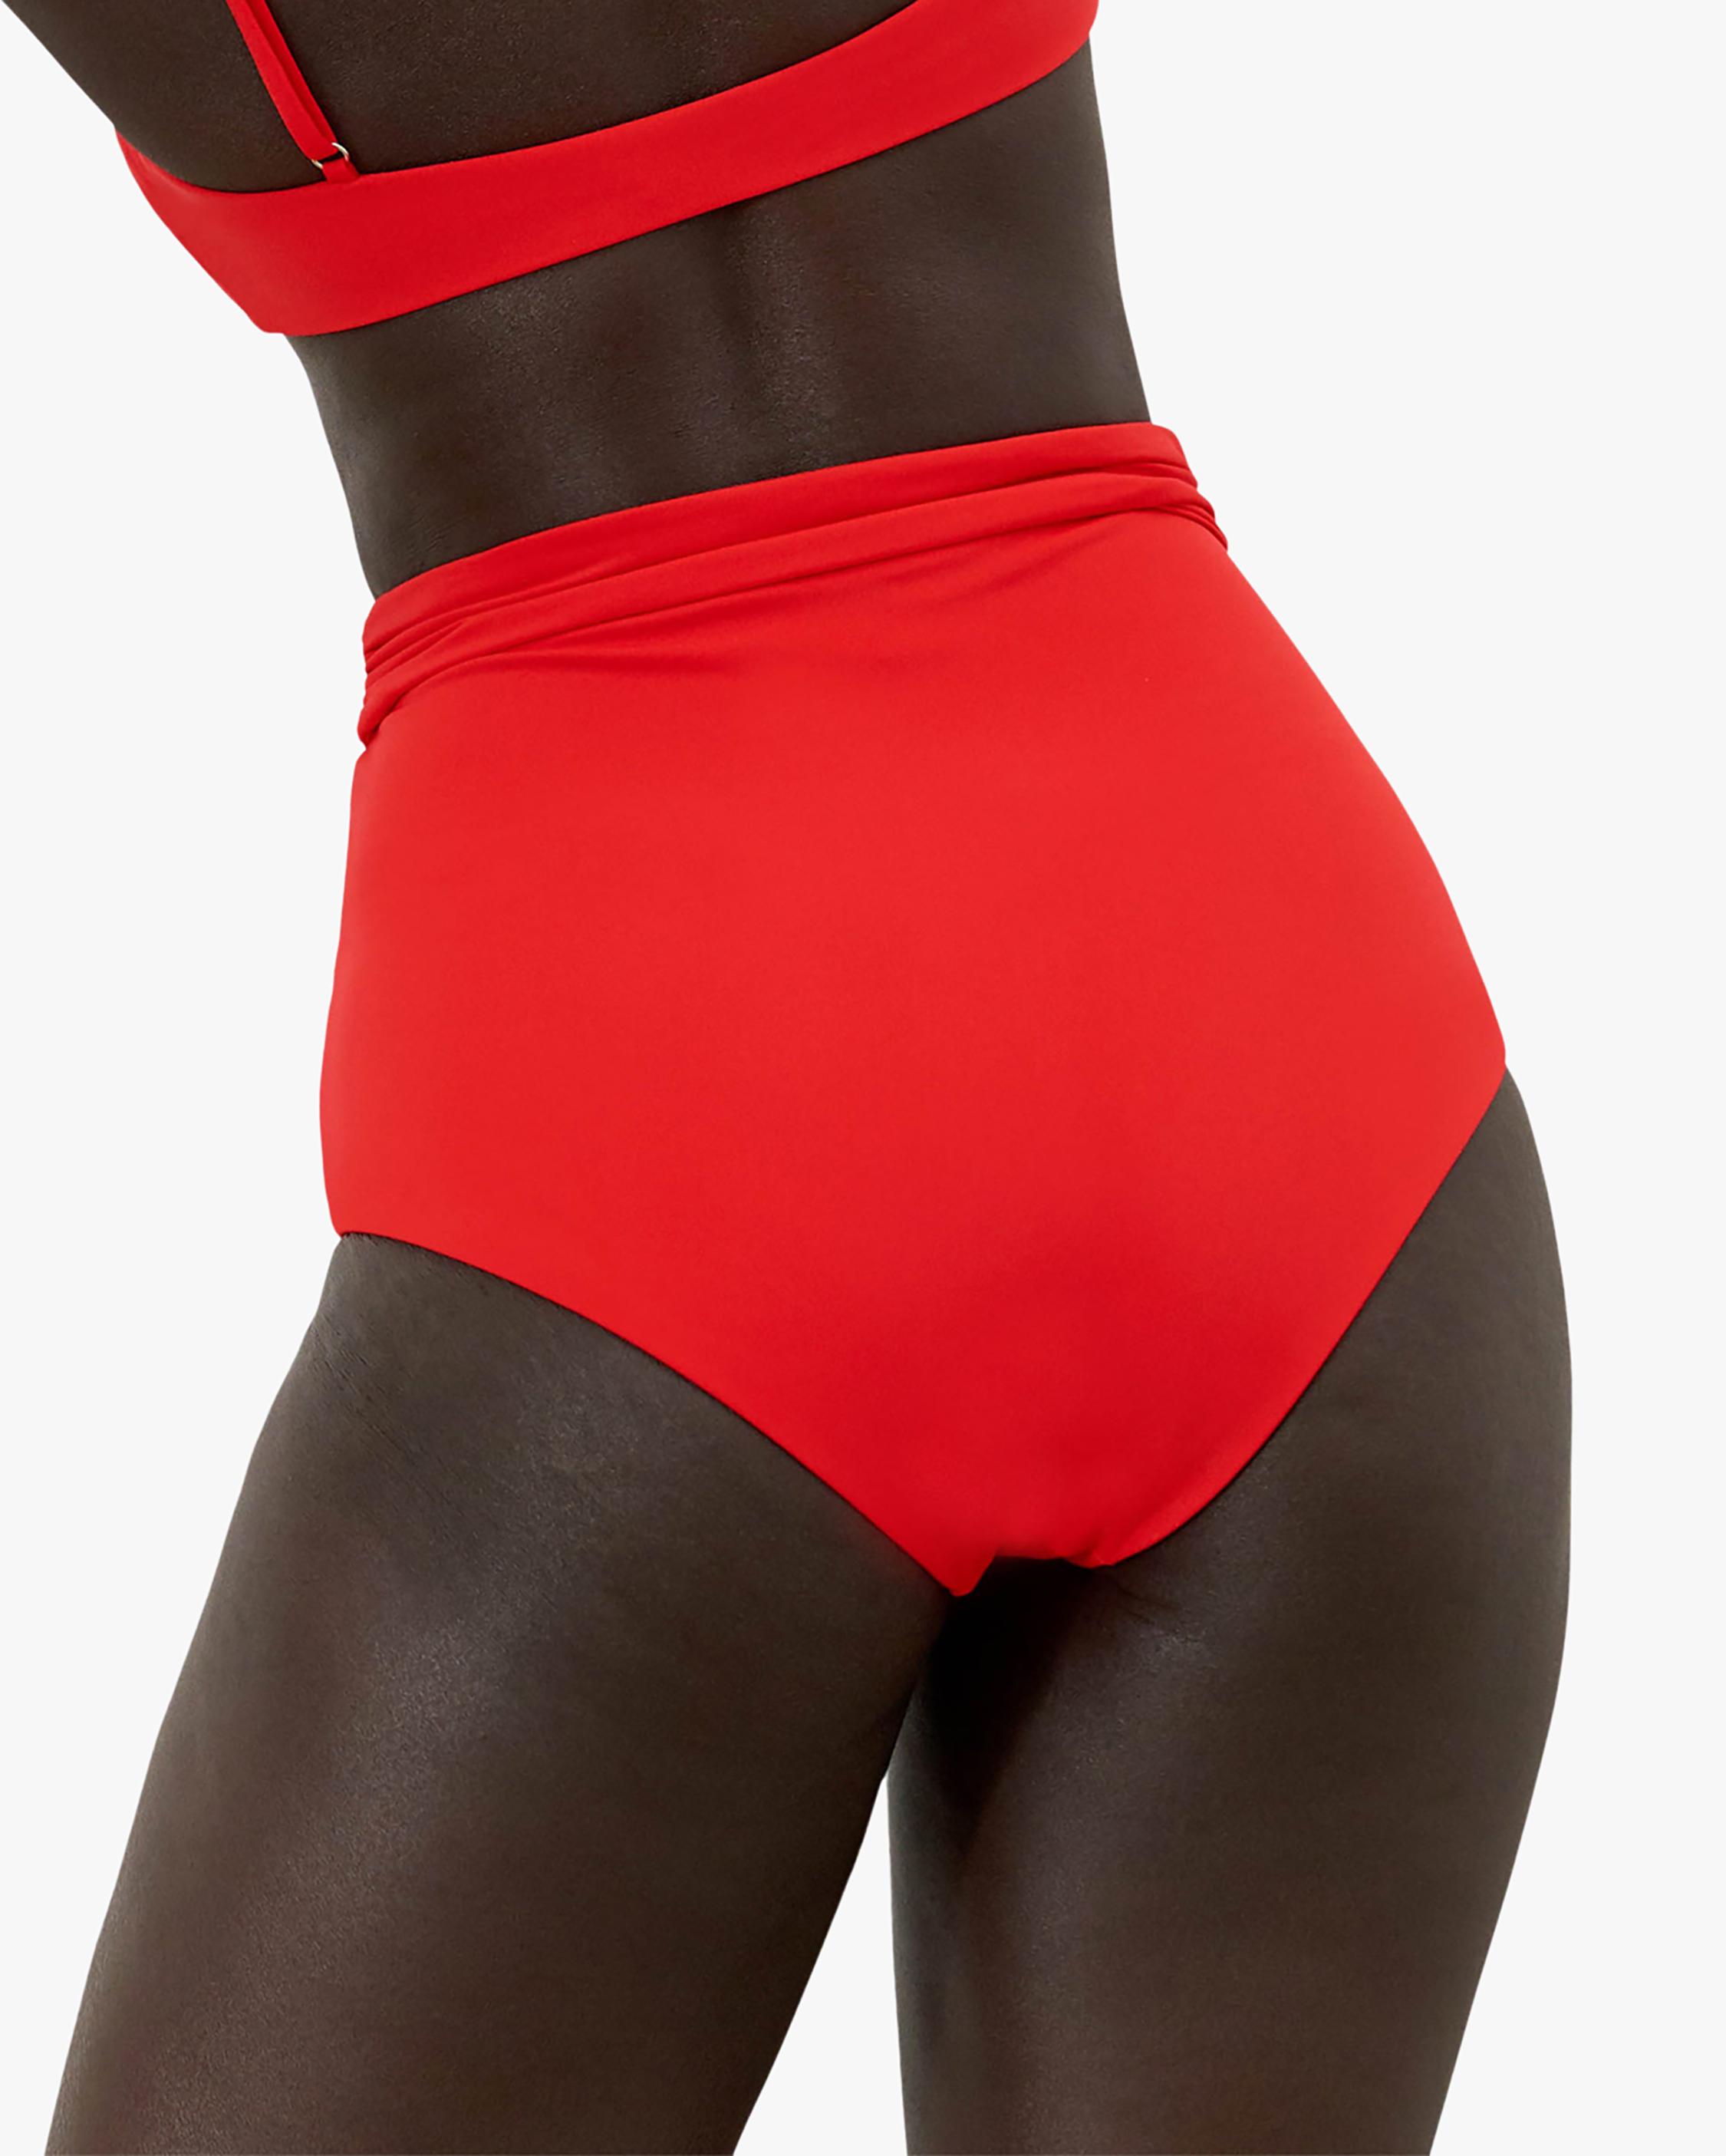 Mara Hoffman Jay Bikini Bottom 1